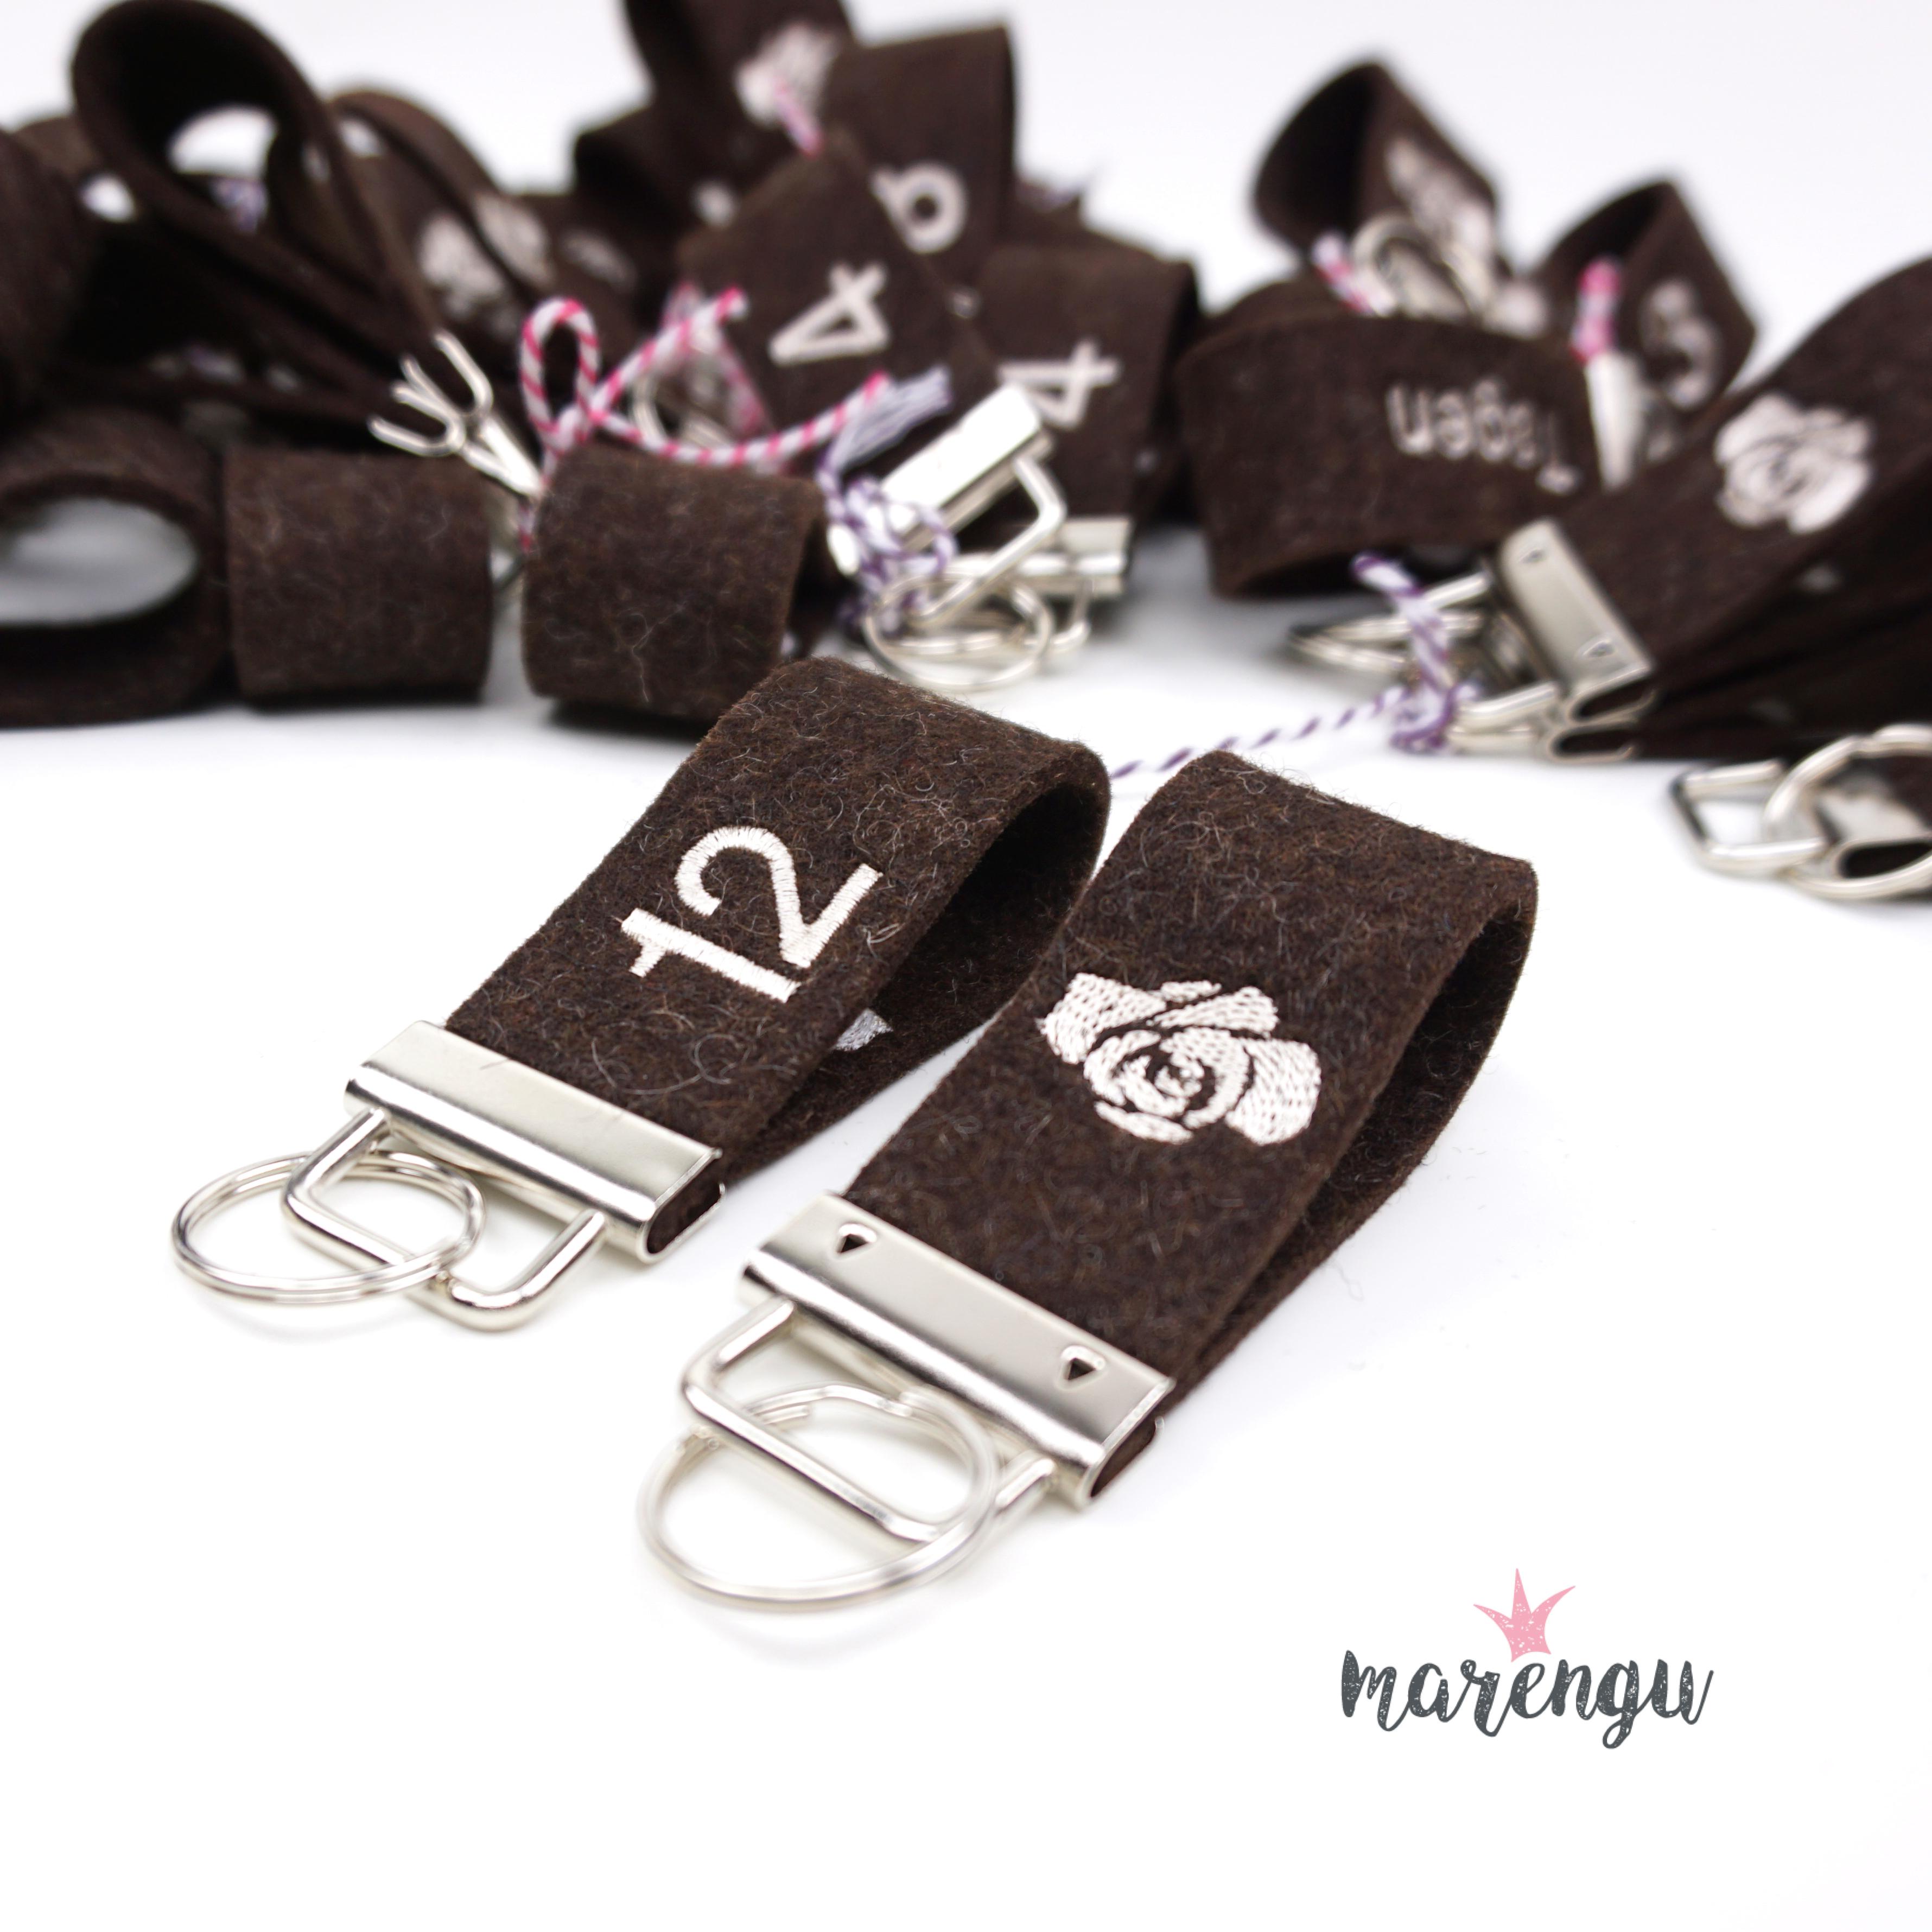 Rose Bio-Restaurant & Hotel - Bestickte Schlüsselanhänger aus Wollfilz mit Logo und Zimmernummer - marengu